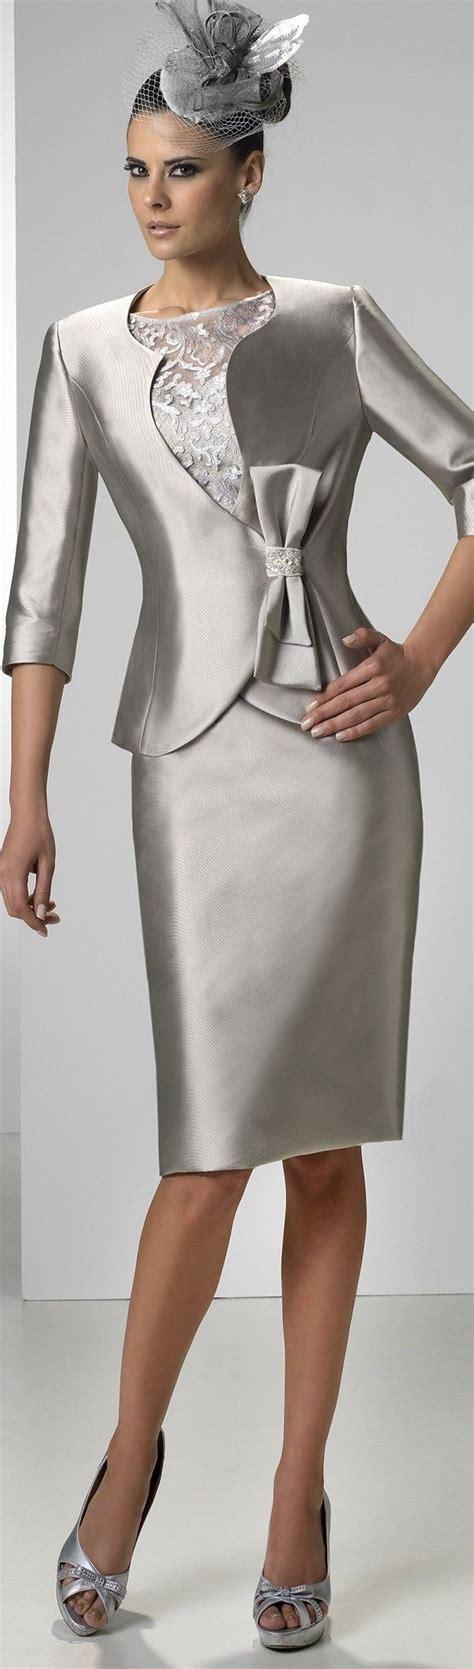 Dress Black Brukat 7d7a4fea8edb18aaaef9d4940f71df33 jpg 613 215 2 159 dresses